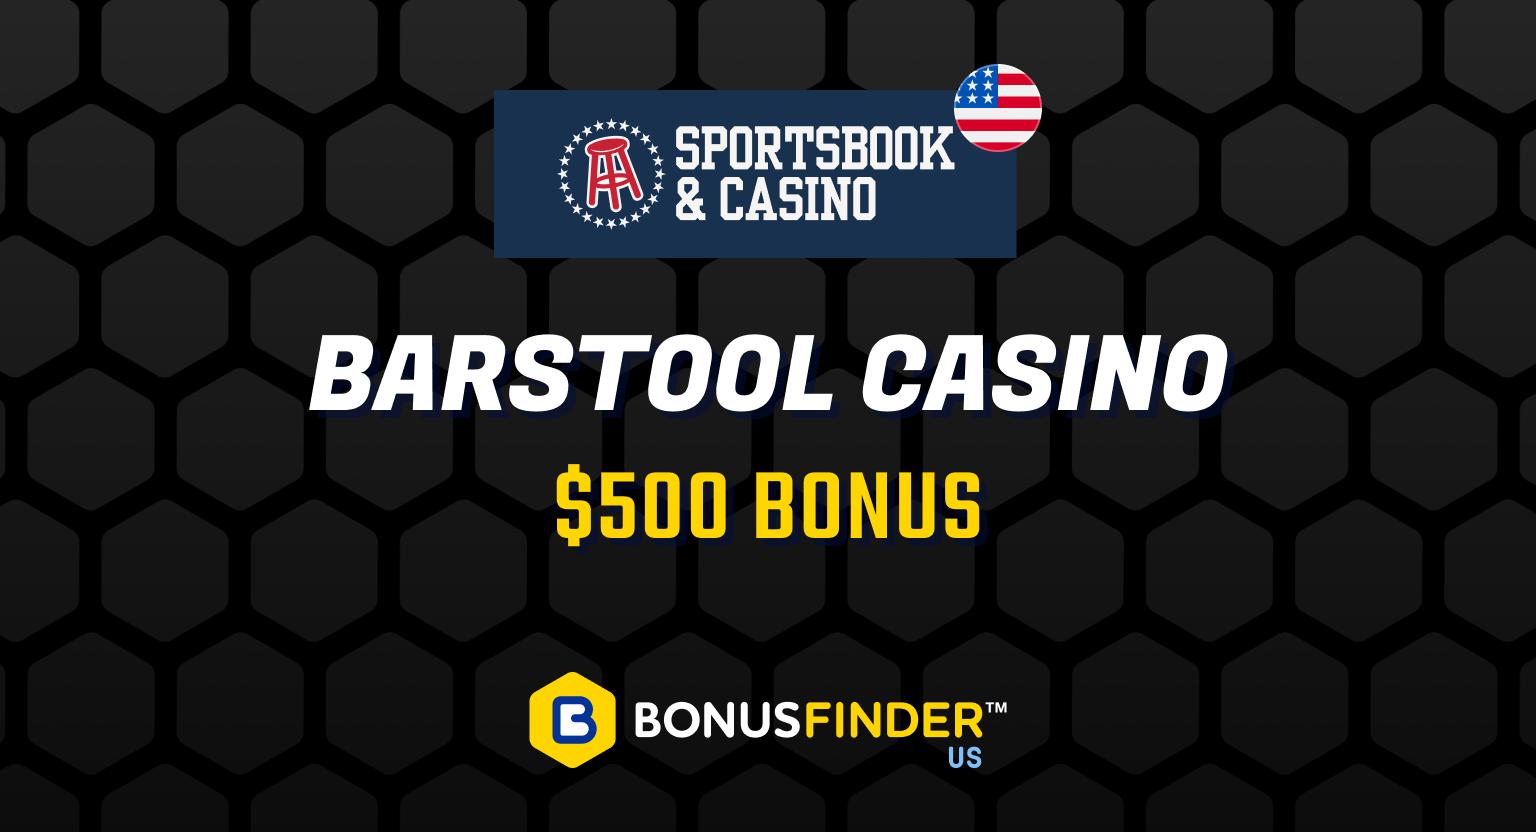 Barstool Michigan casino Promo Code